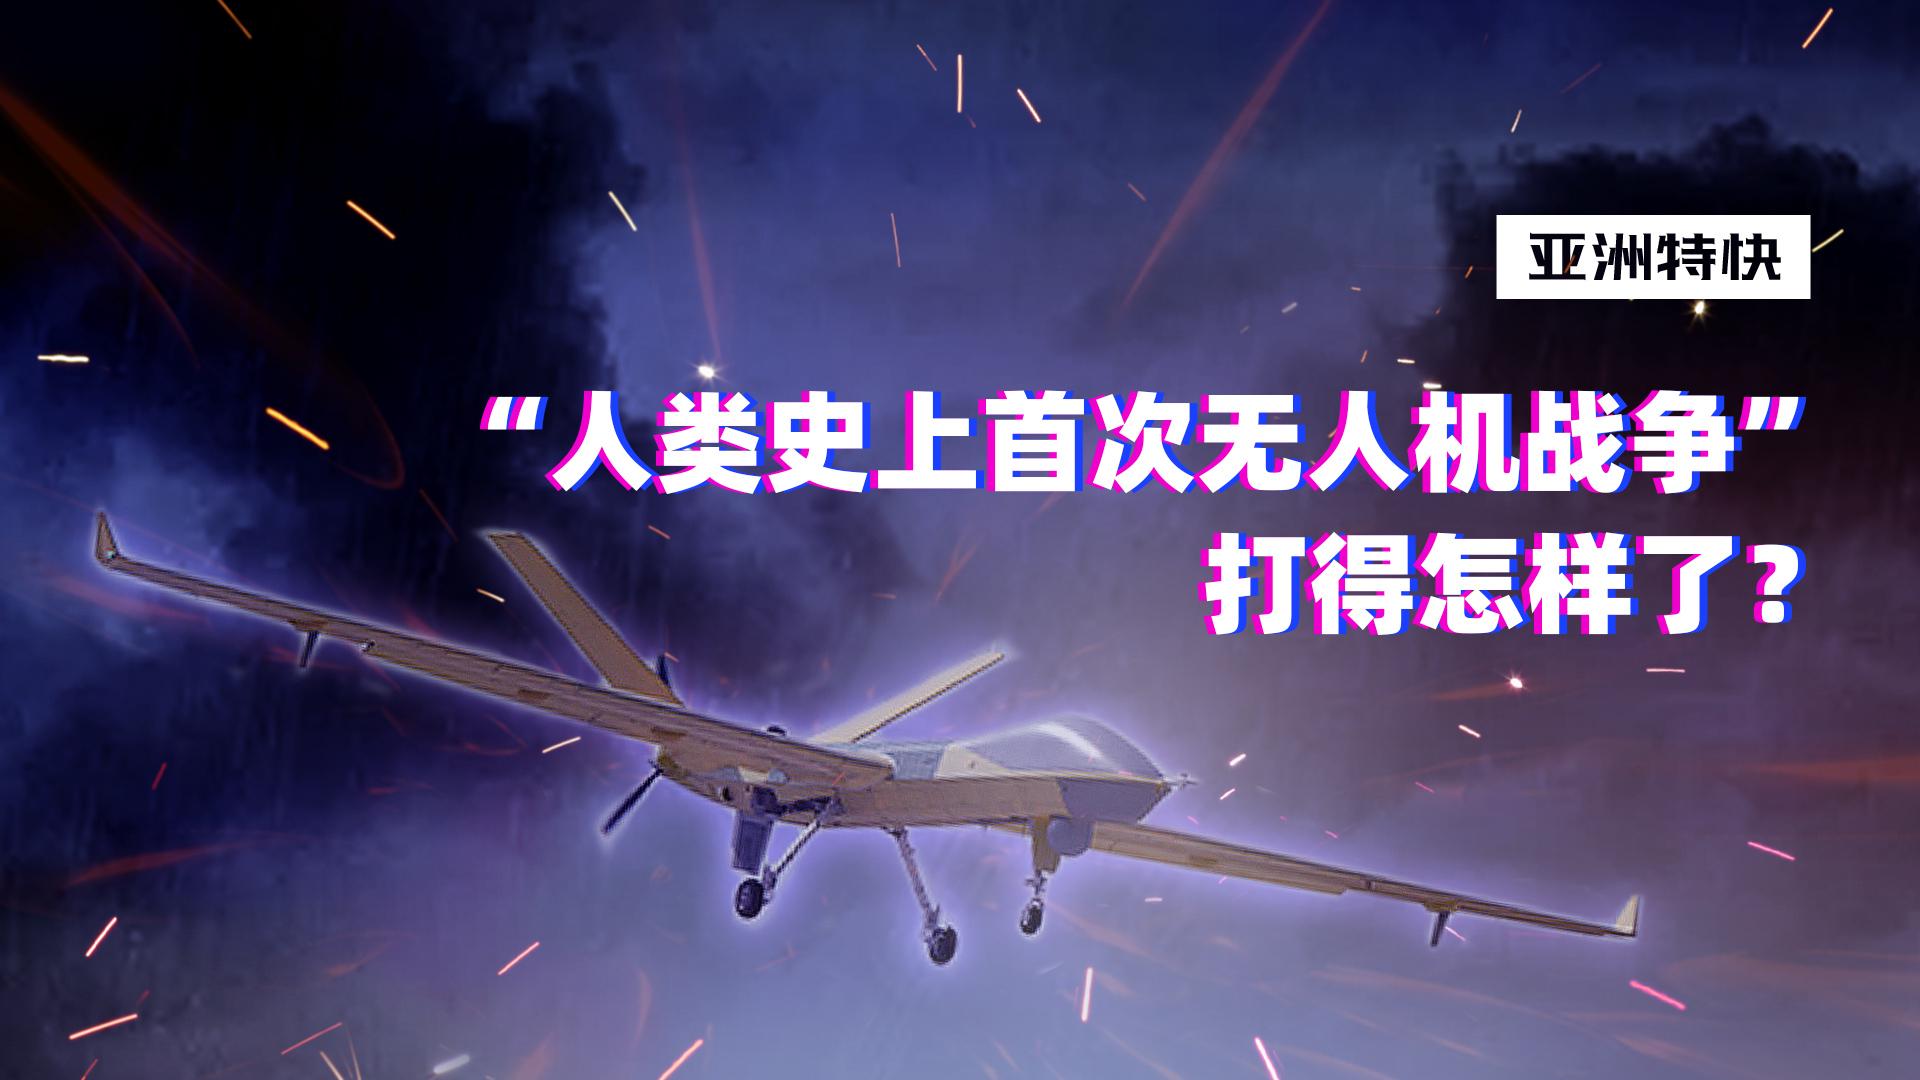 亚洲特快:第一次无人机战争,中国产无人机表现如何?